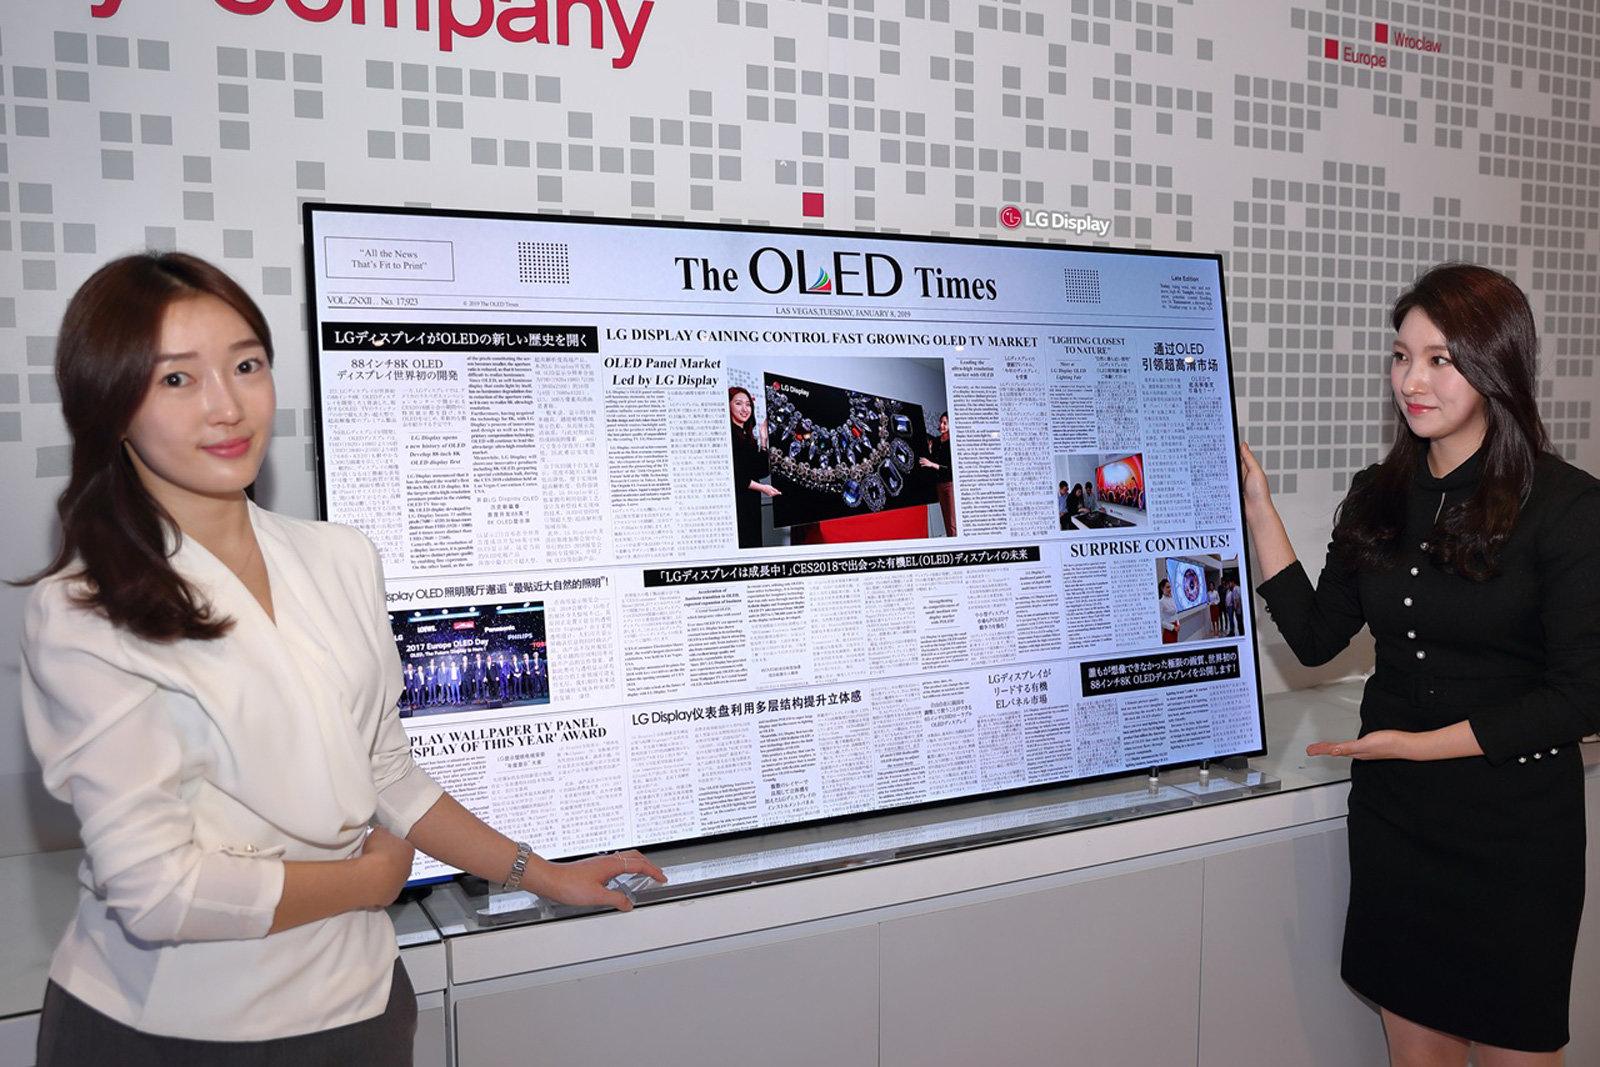 LG TV OLED 8K CES 2019